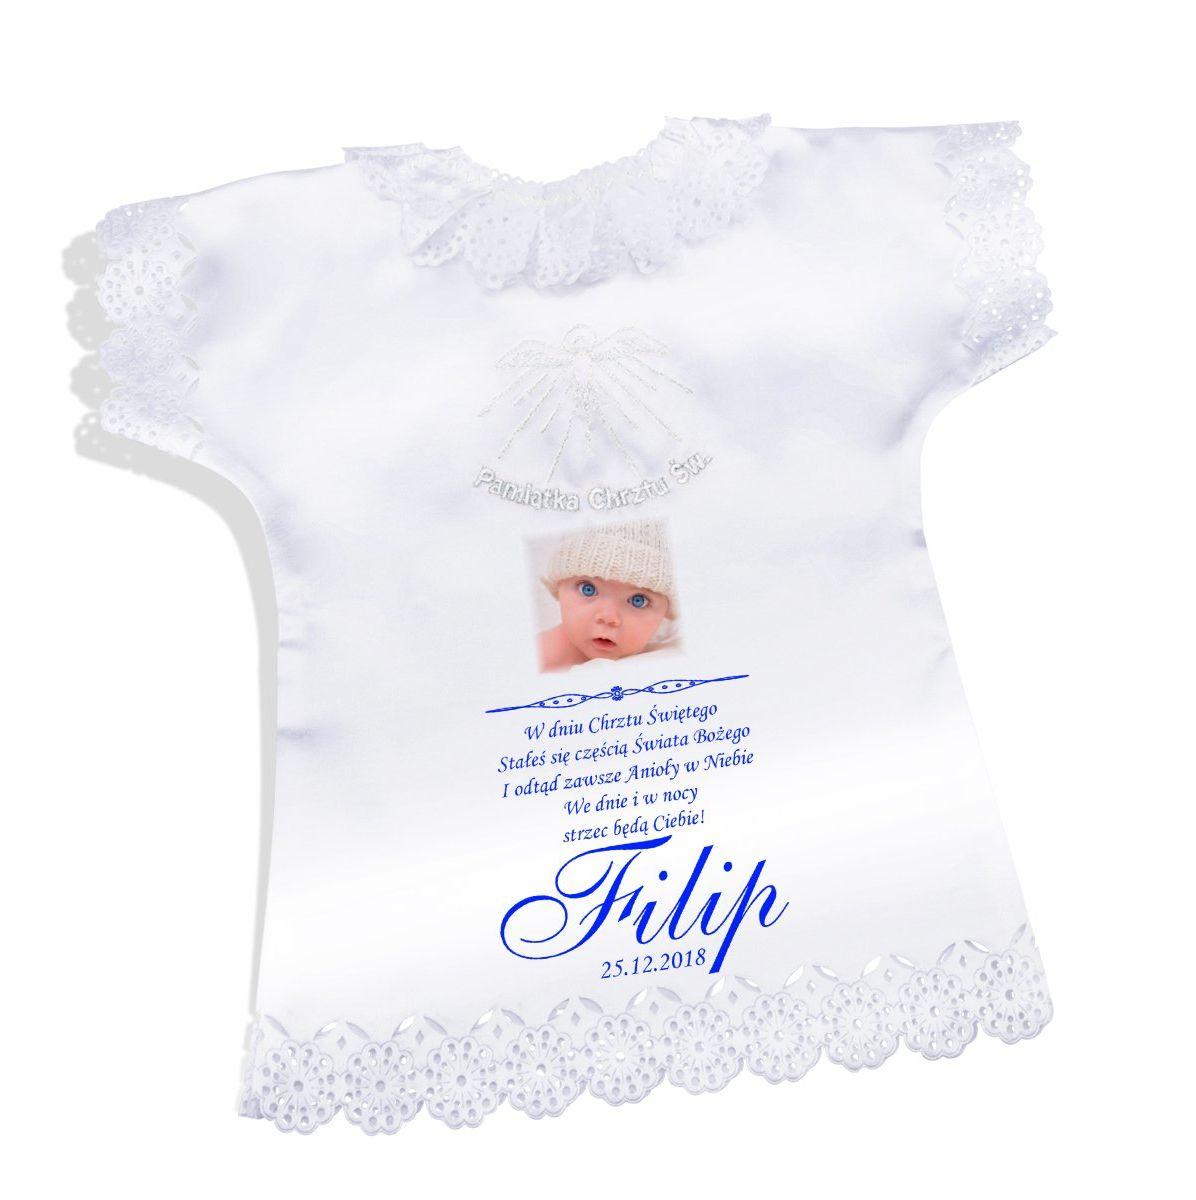 Koszulka szatka na chrzest biała satynowa Pamiątka chrztu ze zdjęciem - biały Duch Święty